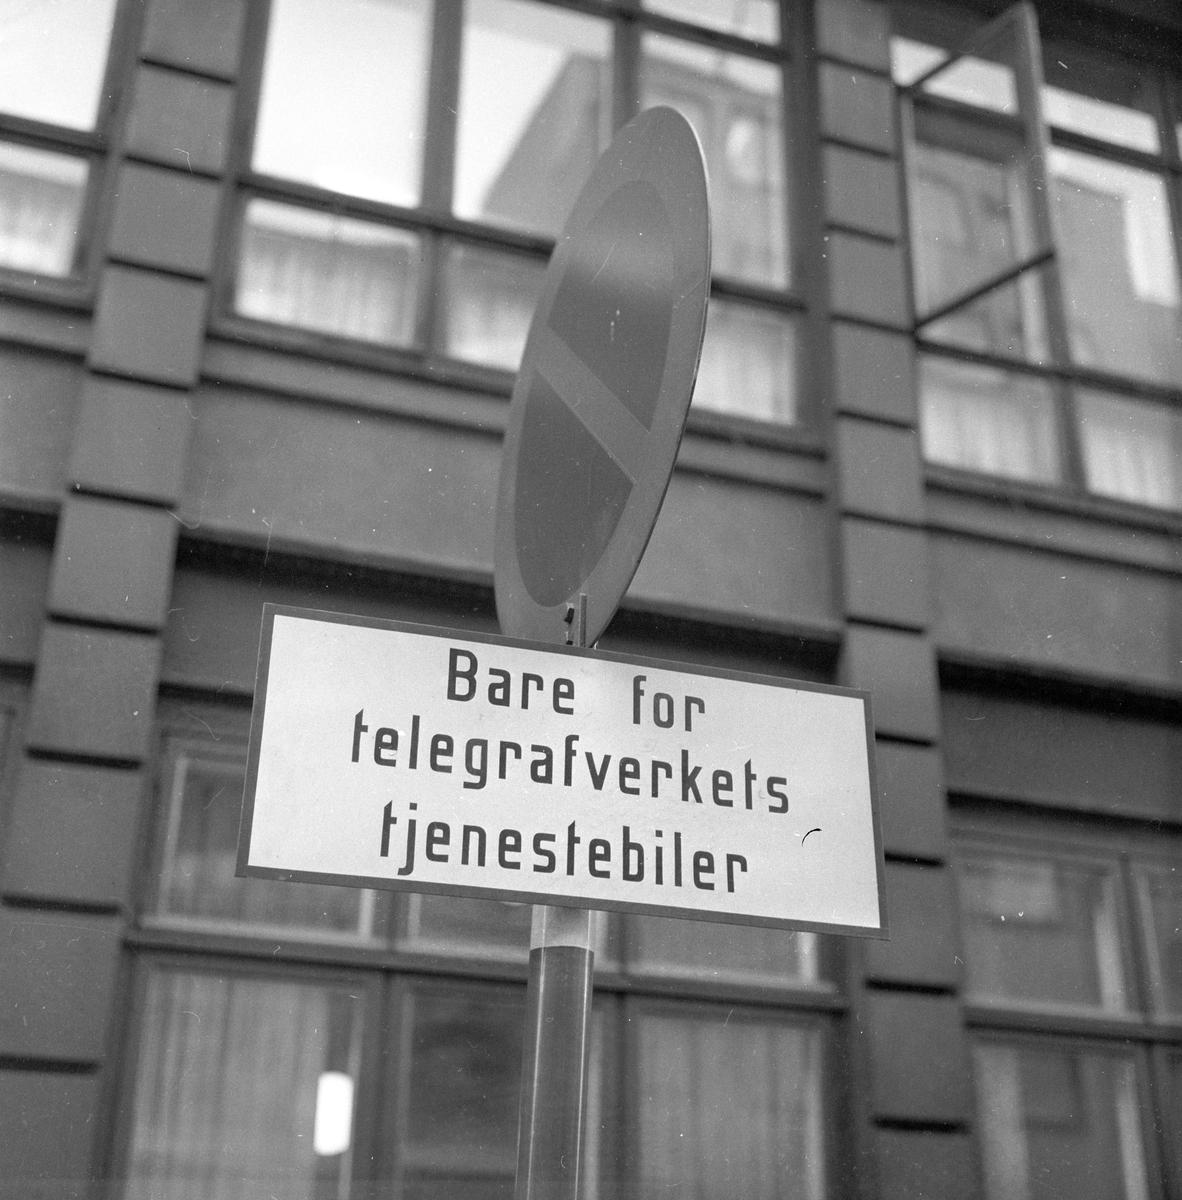 """Trafikkskilt """"Bare for telegrafverkets tjenestebiler"""", Oslo."""